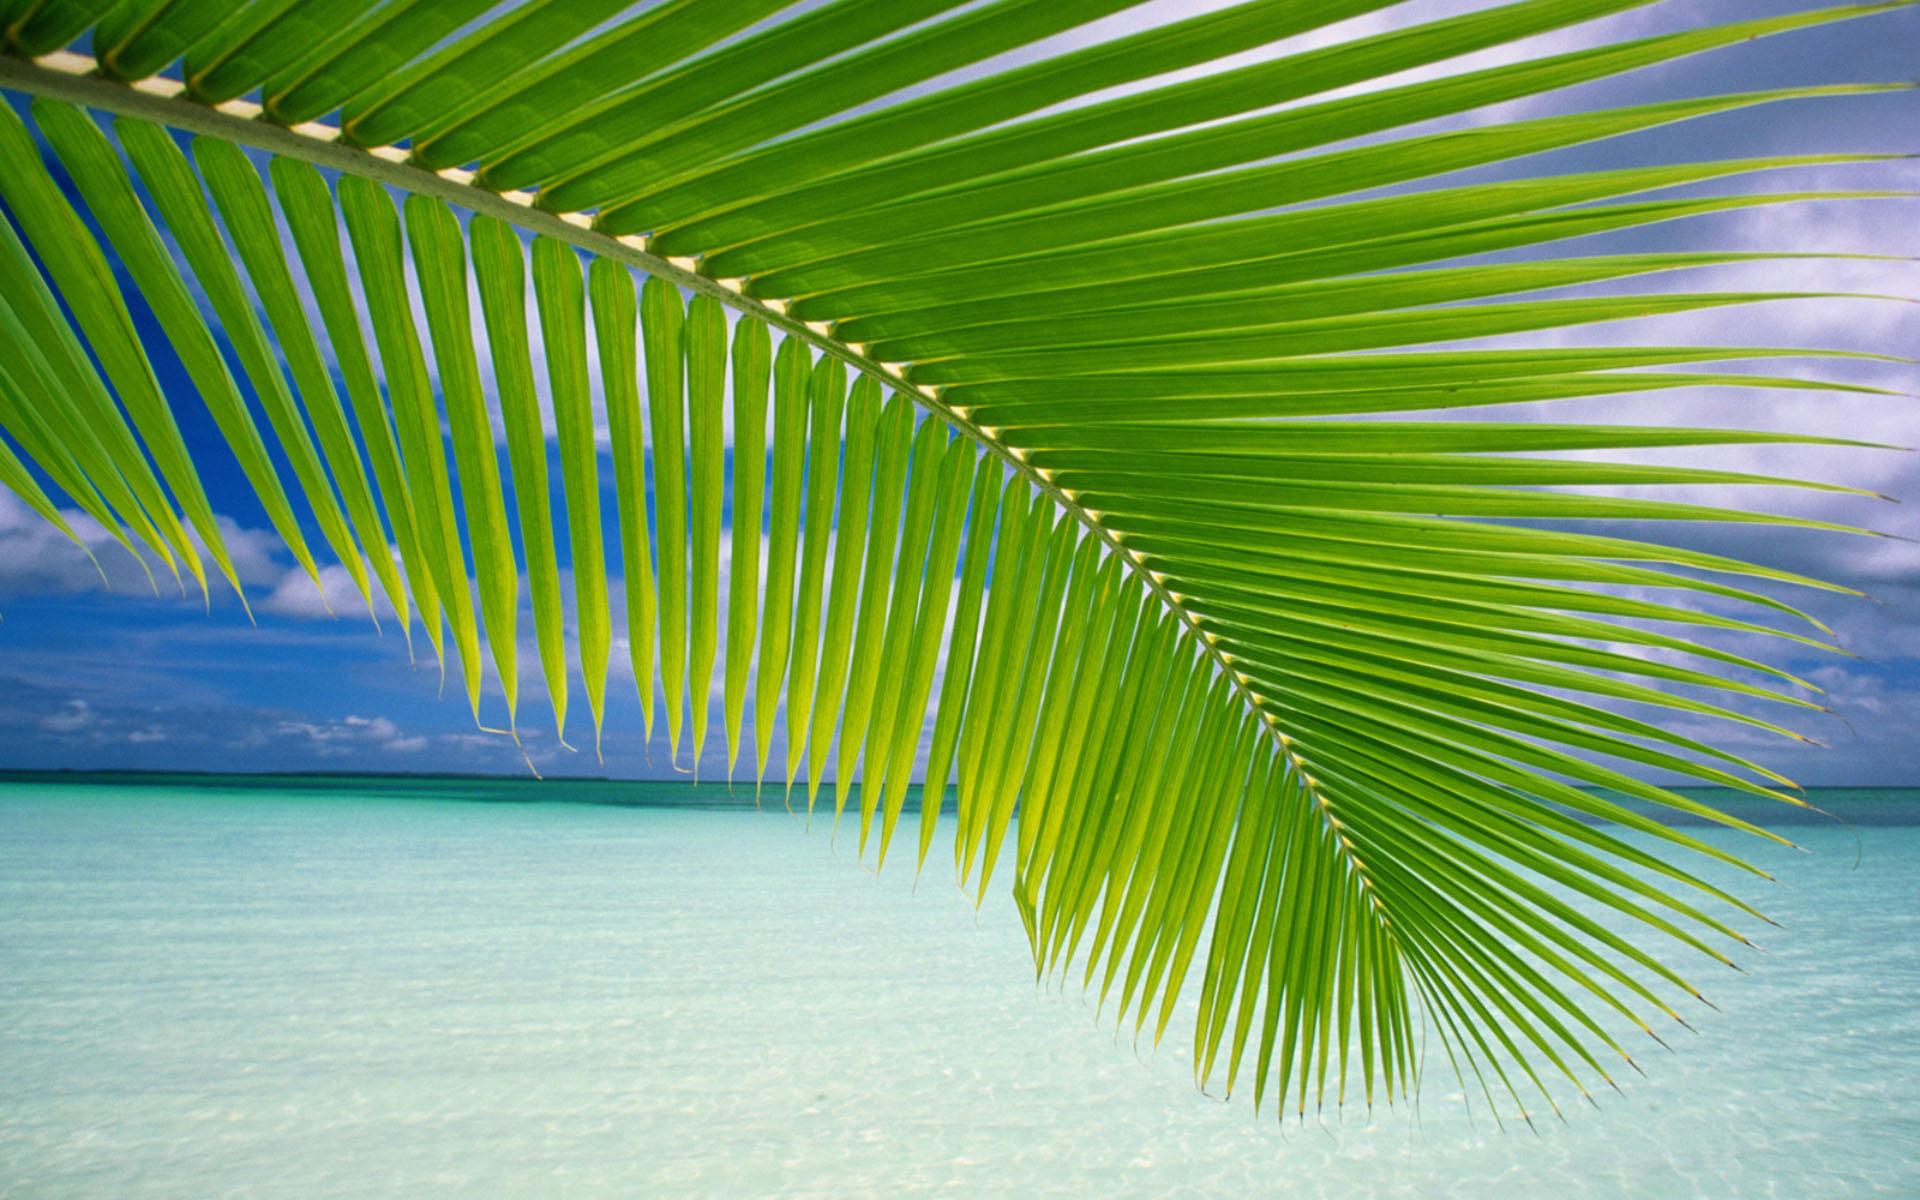 лето, море, пальмовая ветка, скачать фото, обои для рабочего стола